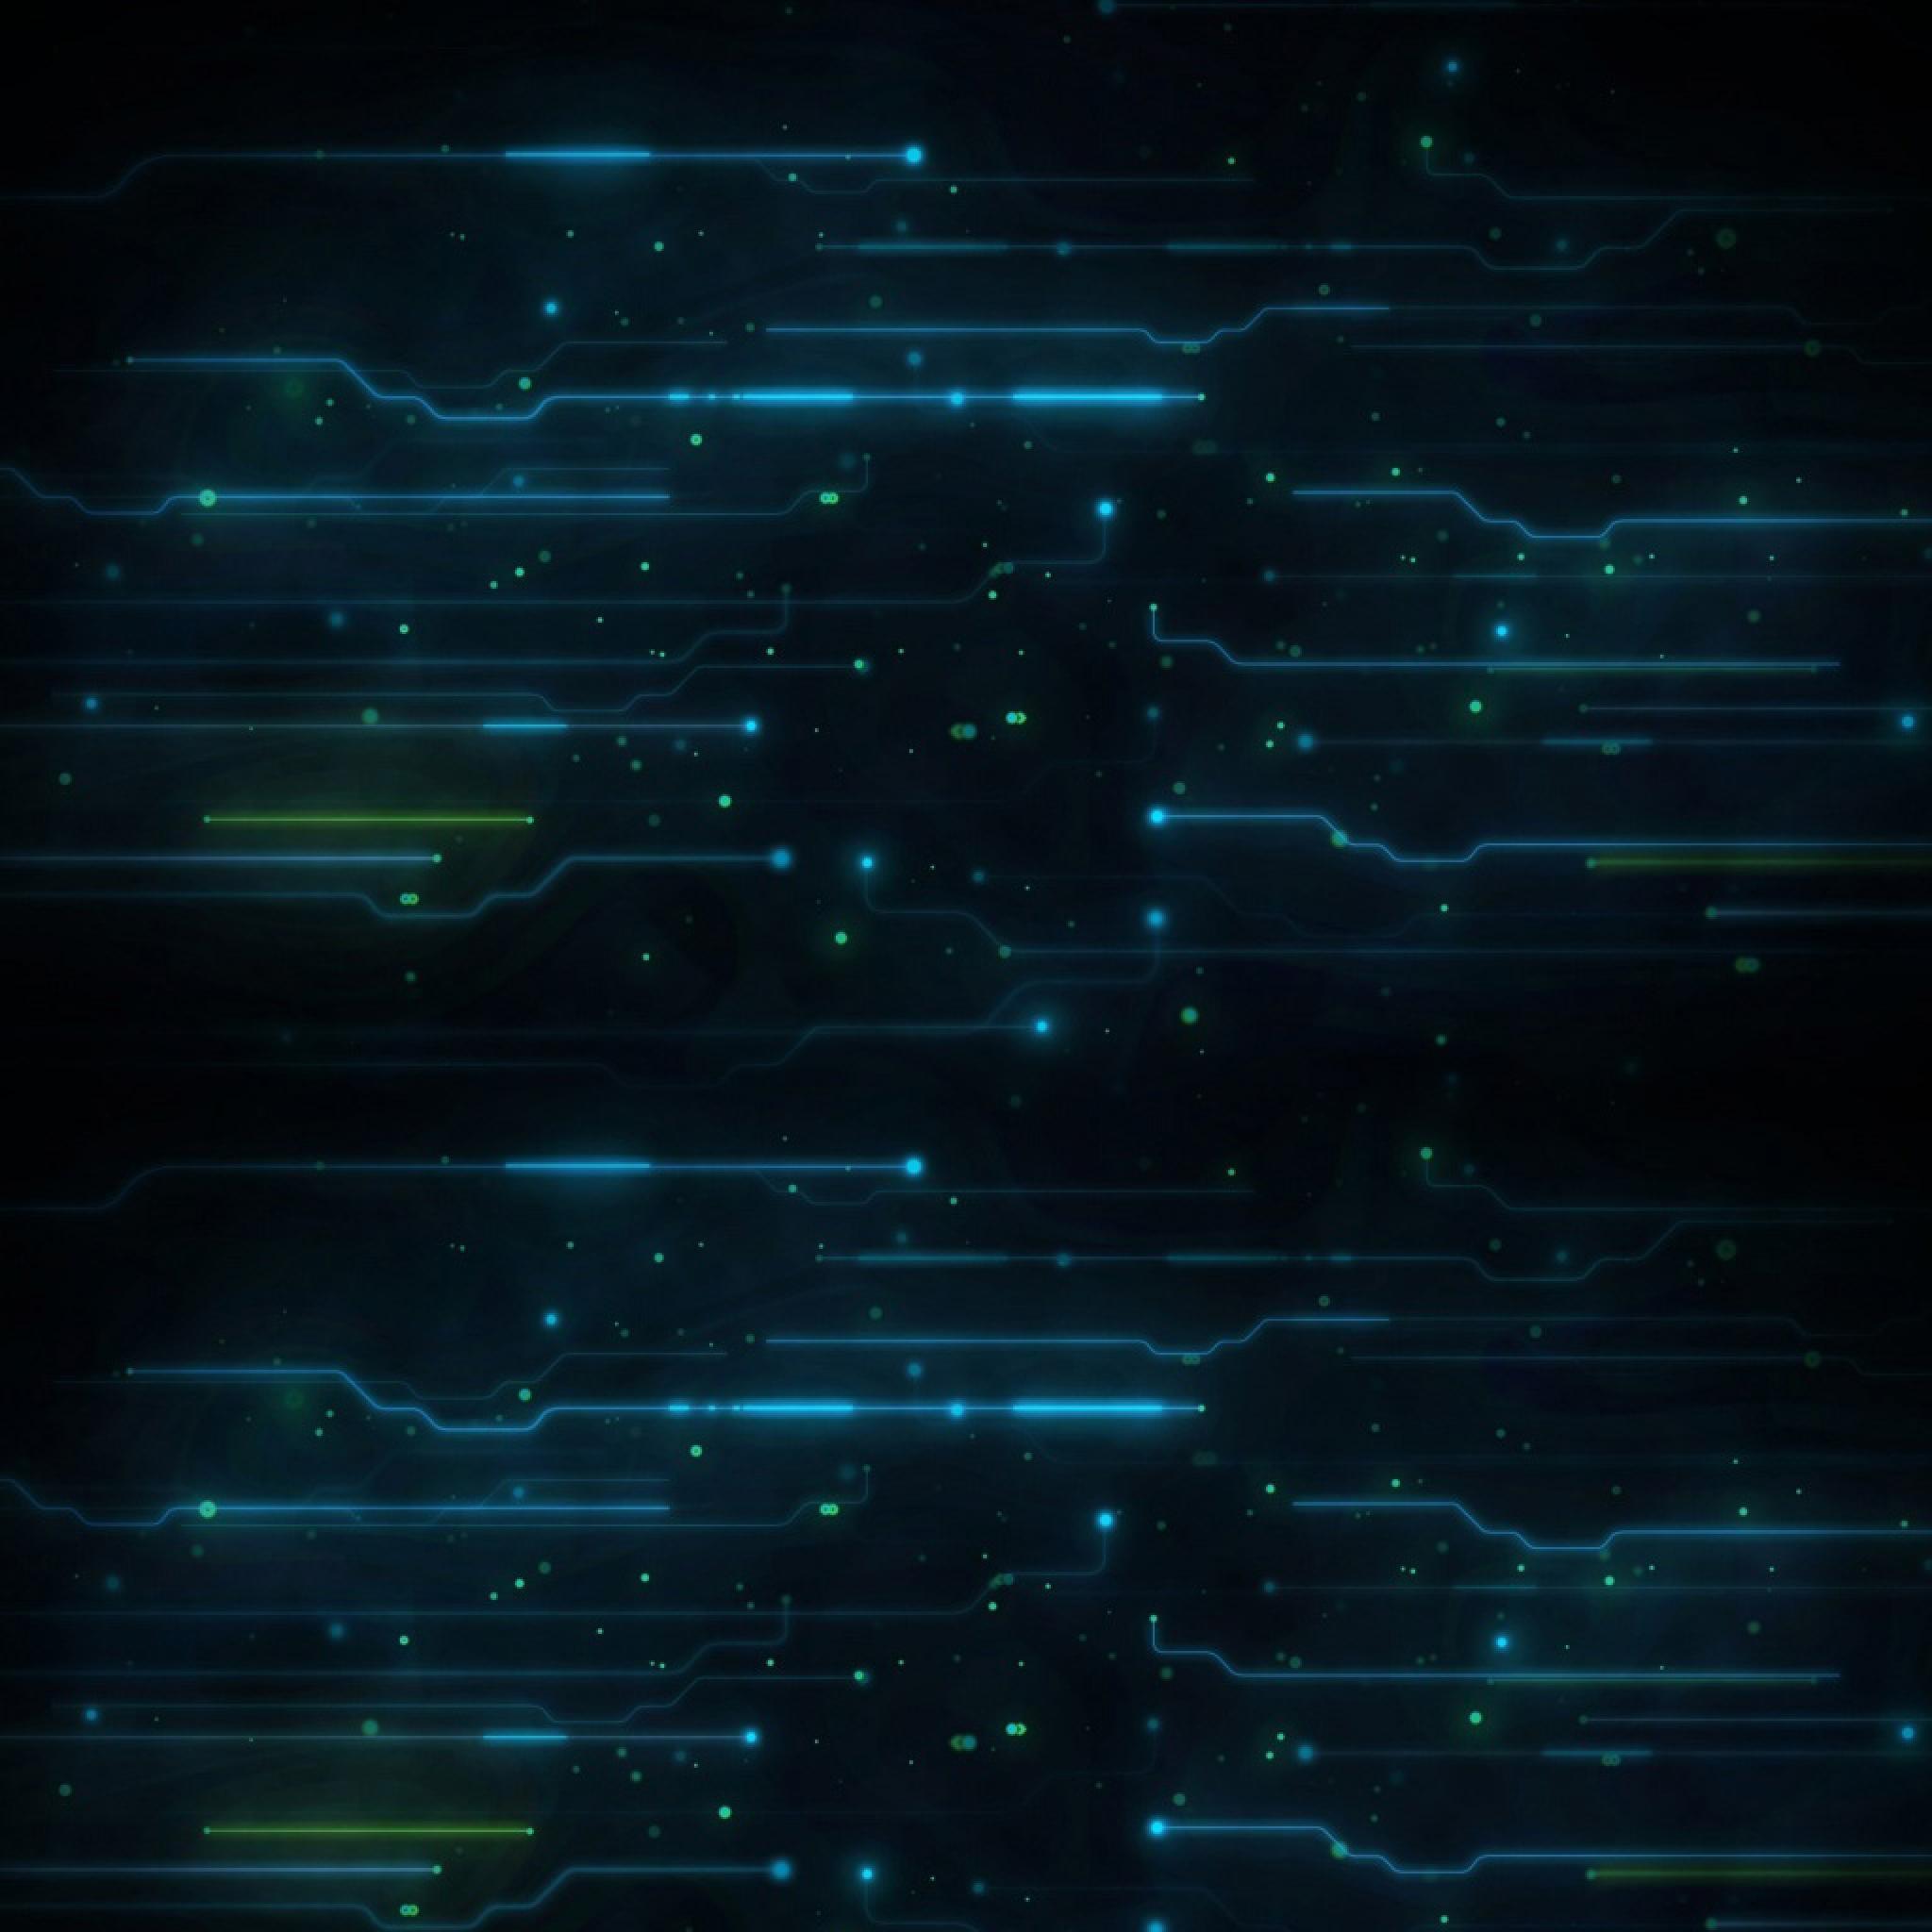 Blue Technology: High Tech Wallpaper HD (77+ Images